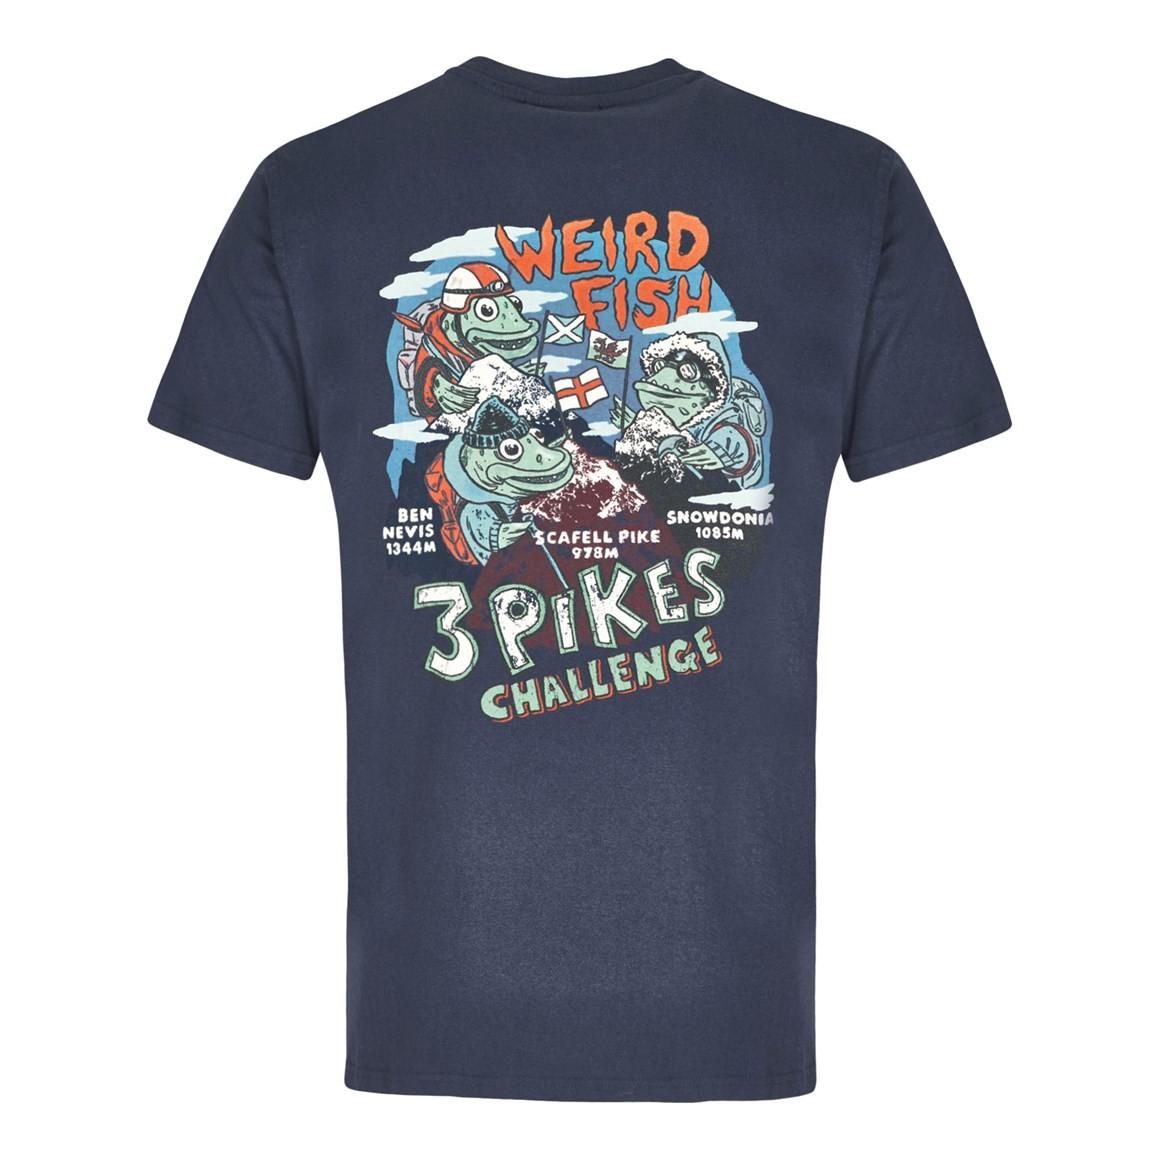 Pikes Challenge Printed Artist T-Shirt Dark Navy